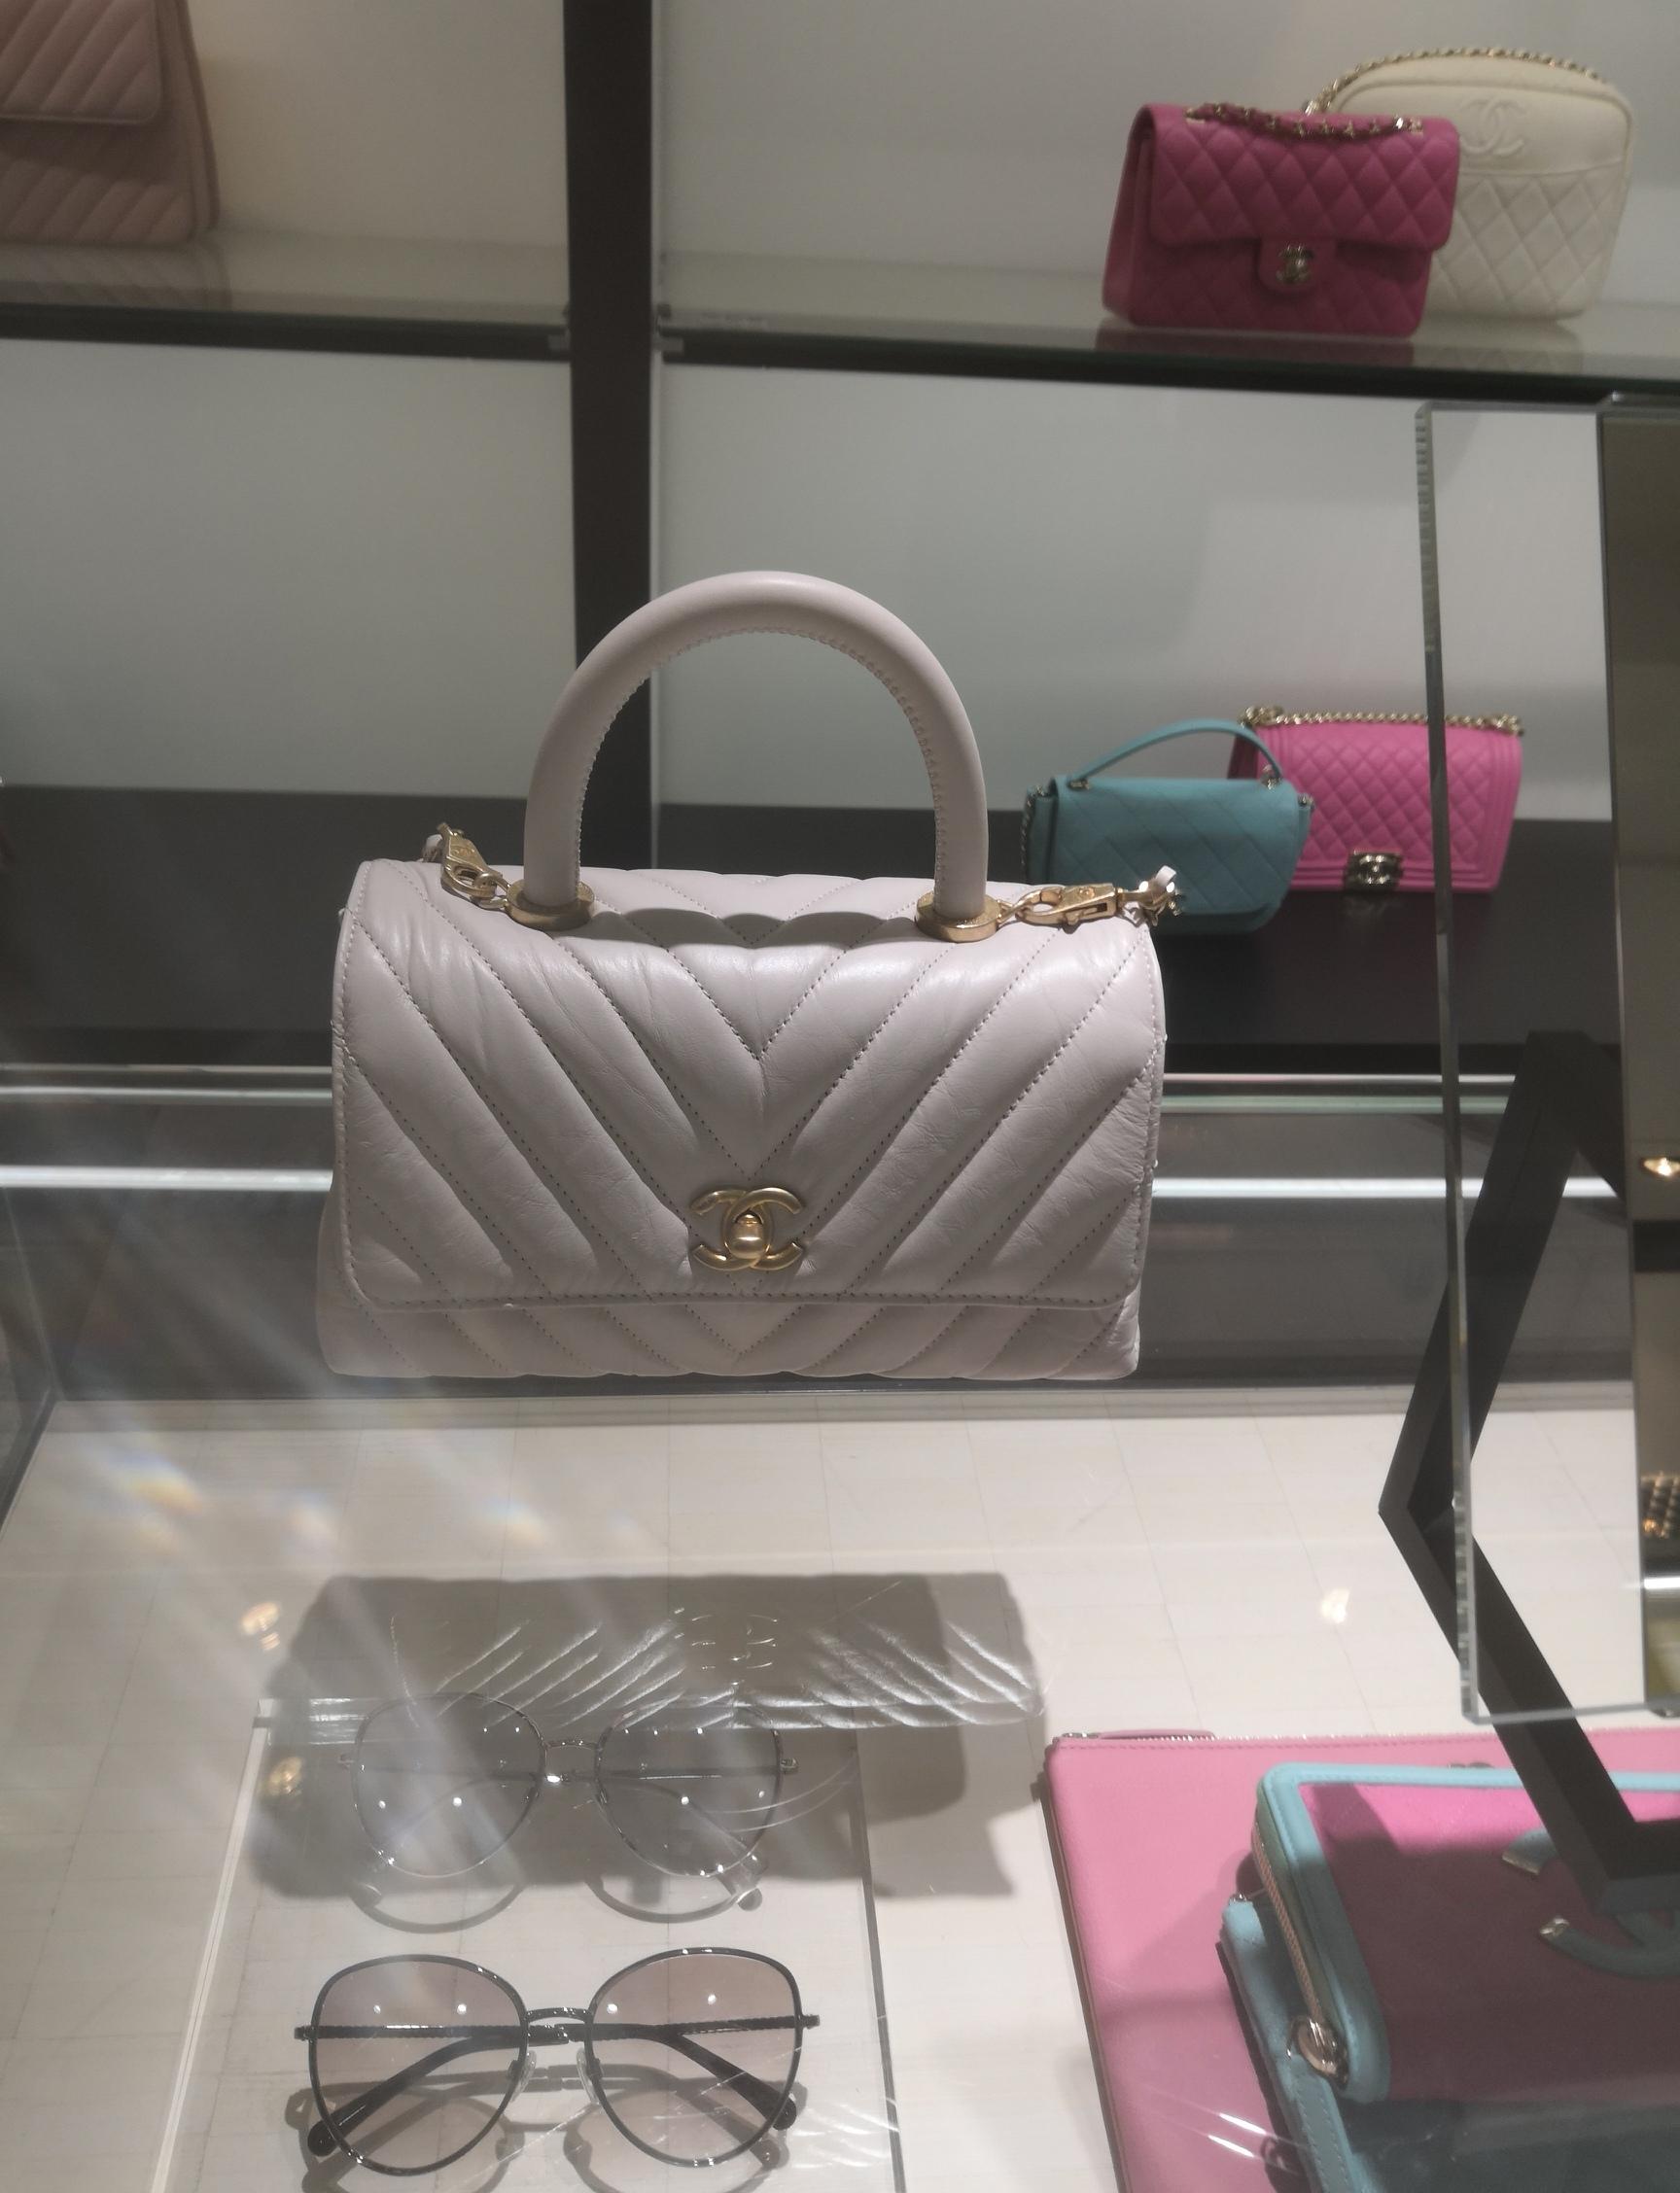 羽田空港のハイブランドバッグ、シャネル・GUICCI・ボッテガヴェネタ どれだけ安いいいか